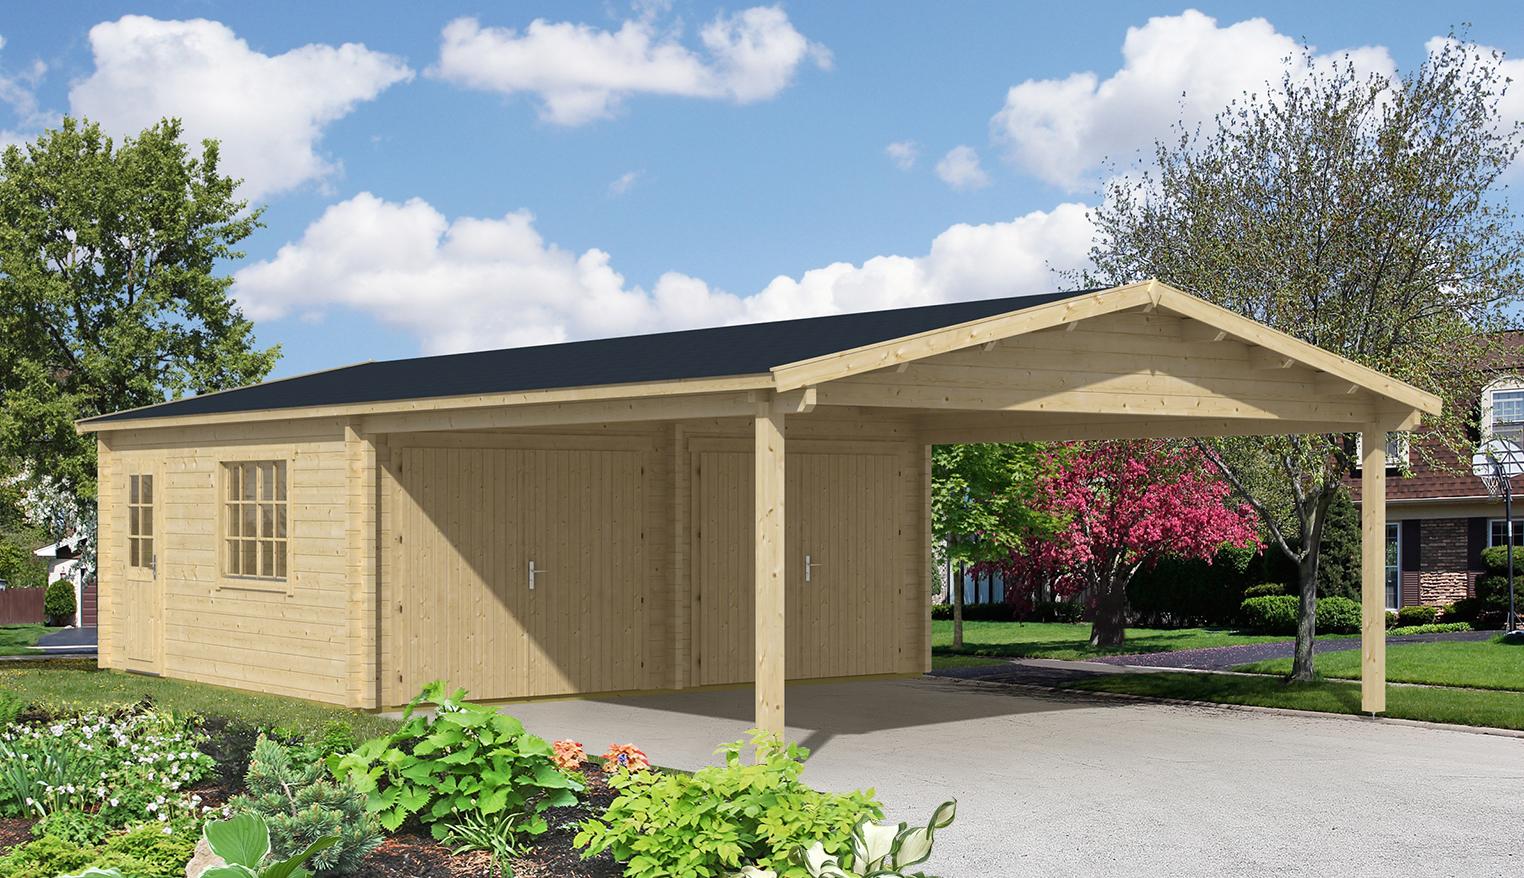 holzgaragen kaufen garagen aus holz bis zu 50 reduziert. Black Bedroom Furniture Sets. Home Design Ideas